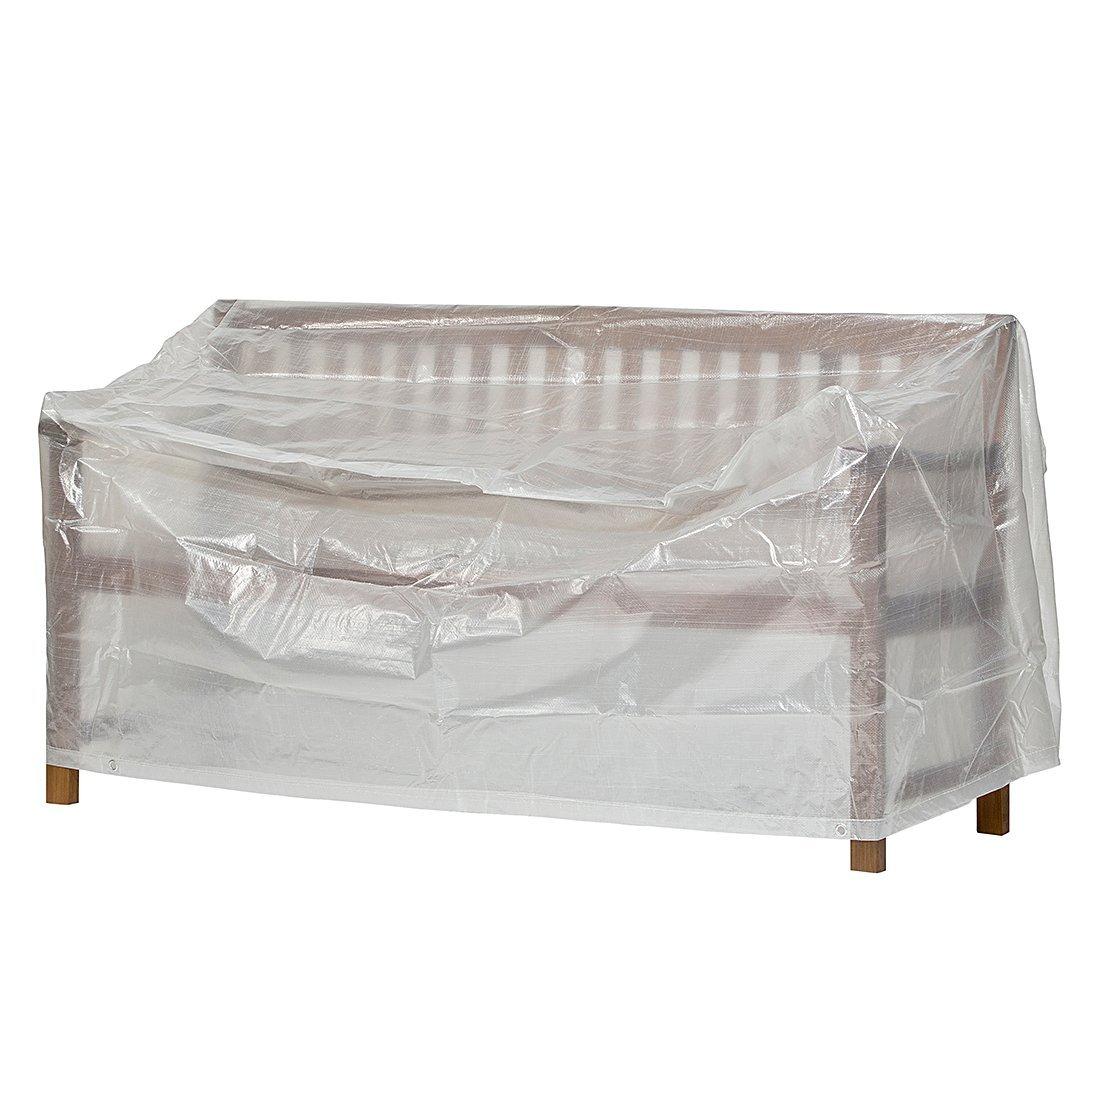 Klassik Schutzhülle für Gartenbank/Landhausbank aus PE-Bändchengewebe - transparent - von 'mehr Garten' - für 3-Sitzer Schutzhüllenprofi